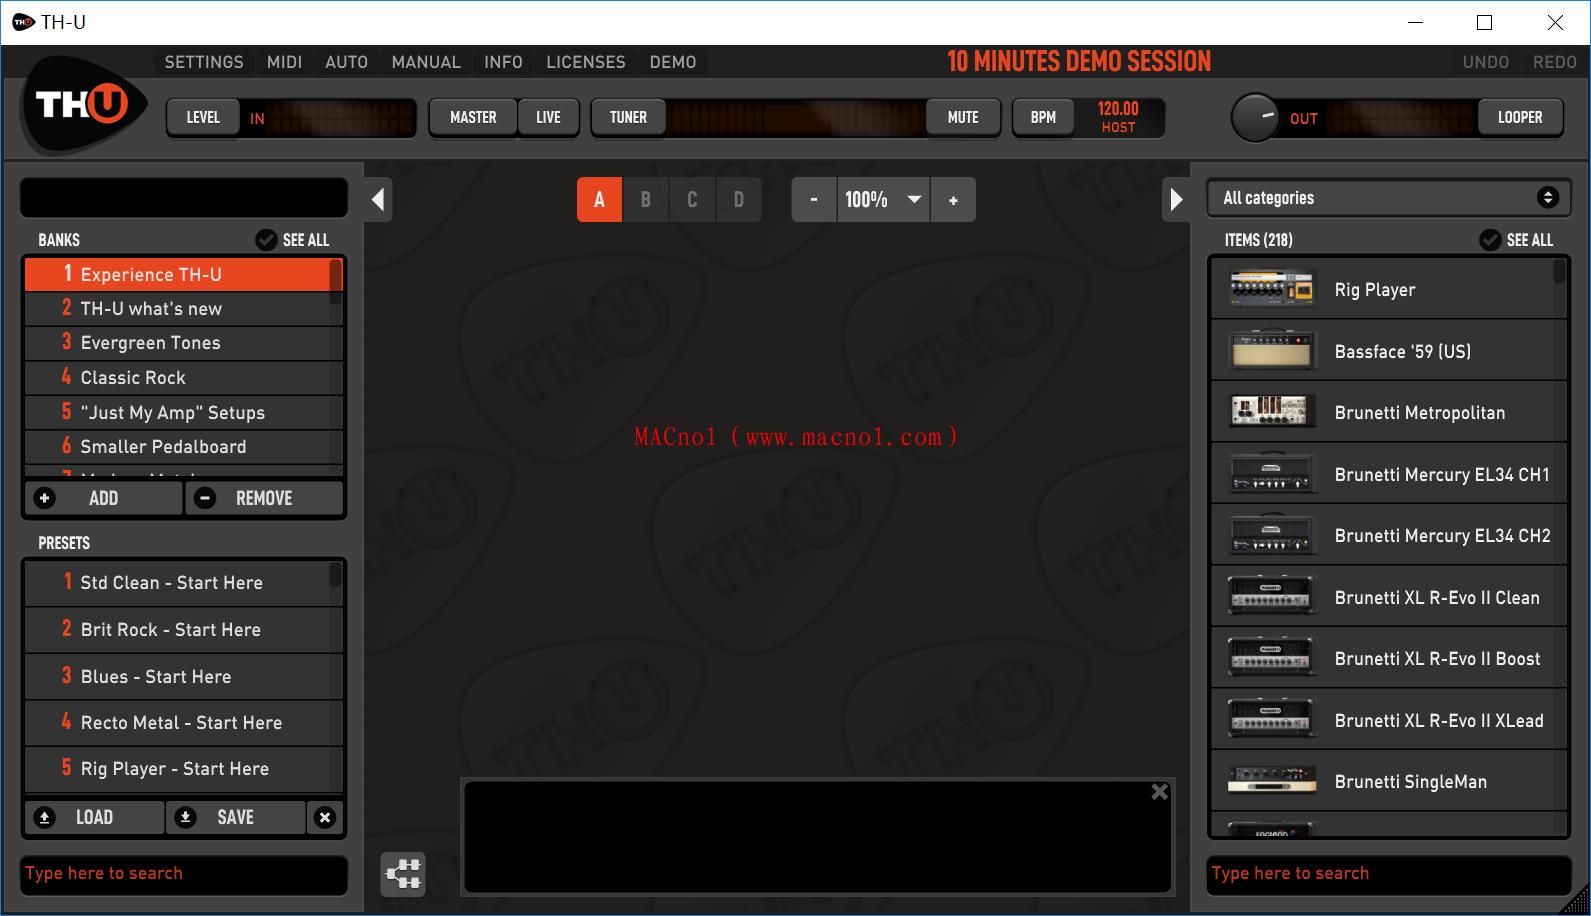 吉他谱曲软件 Overloud TH-U Complete v1.3.5 破解版 附注册机